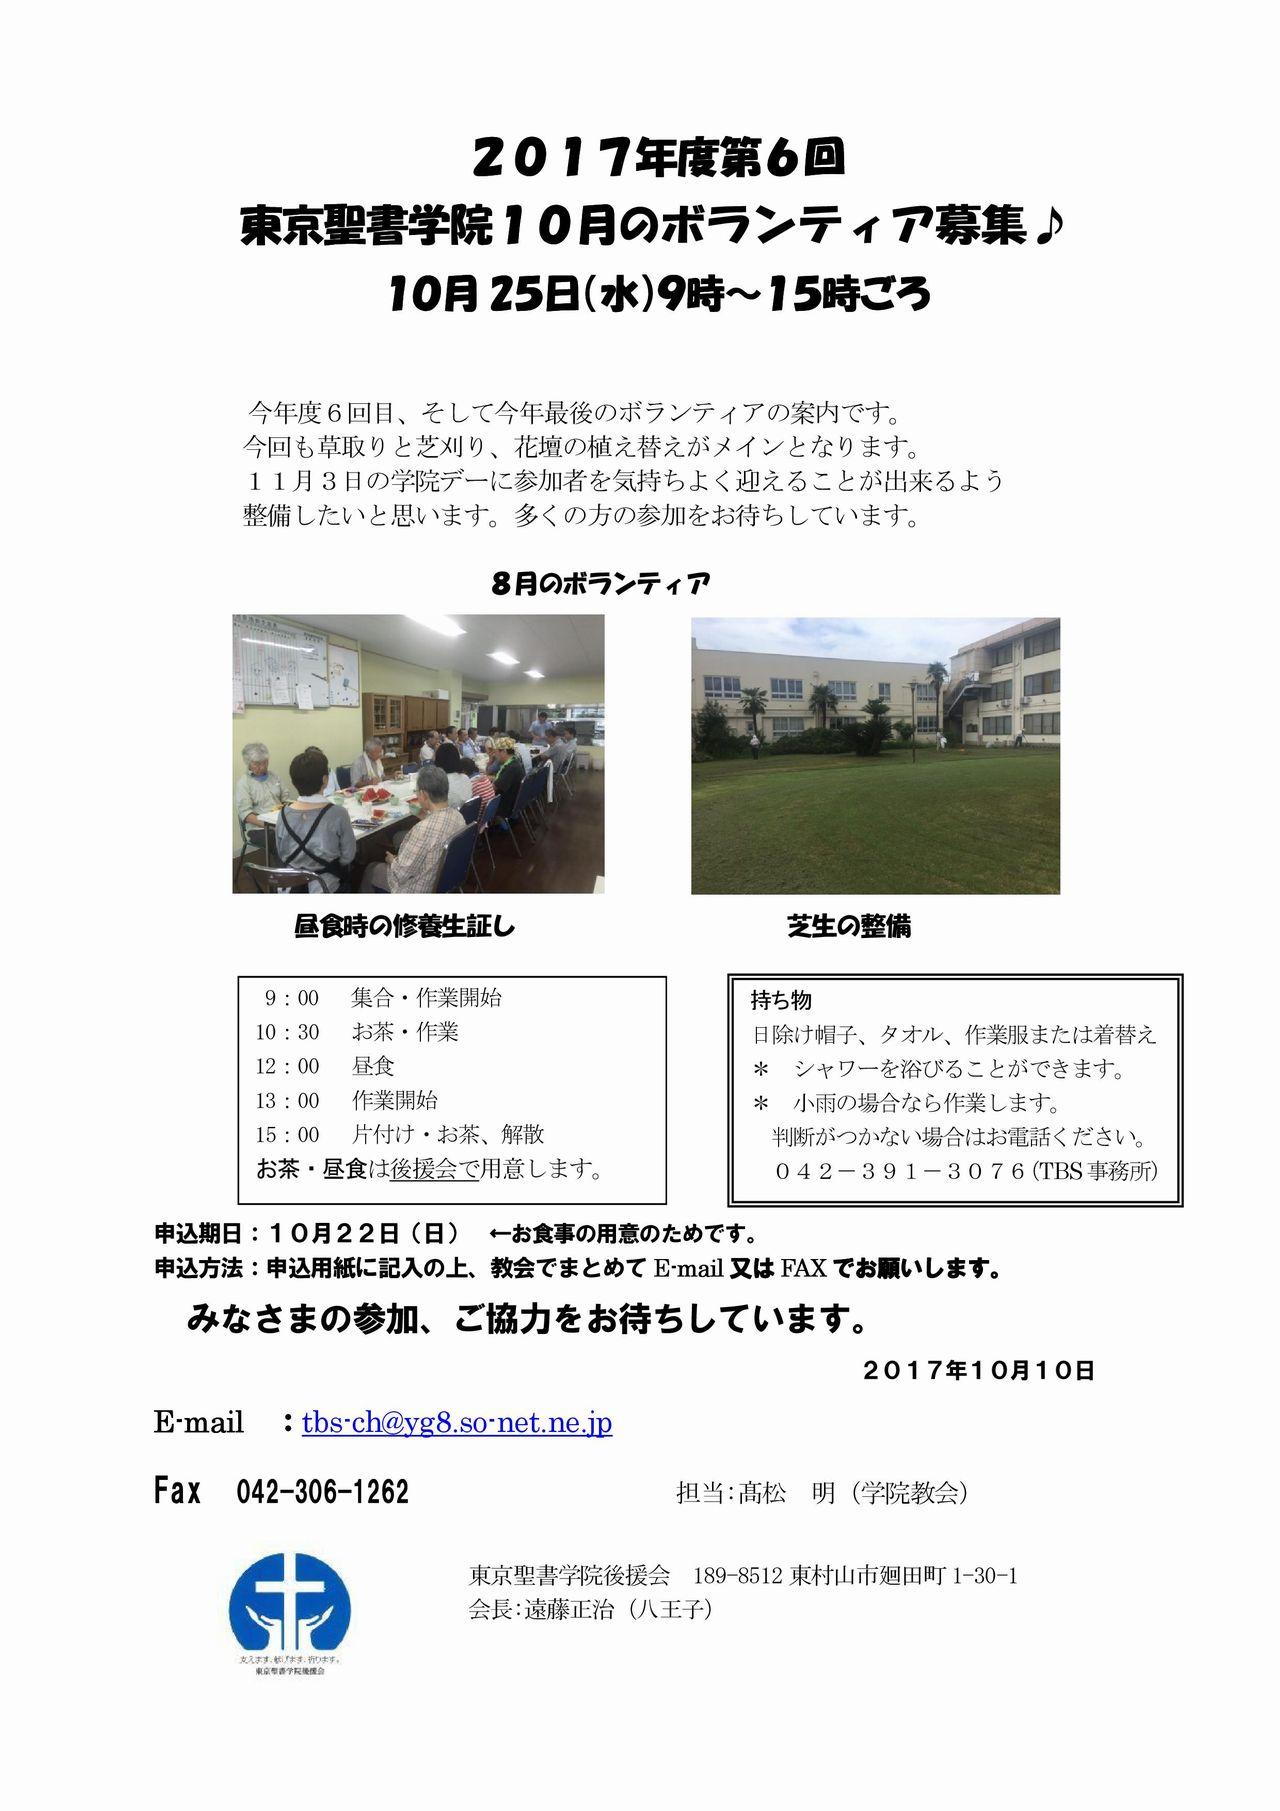 2017年度第6回東京聖書学院10月のボランティア募集